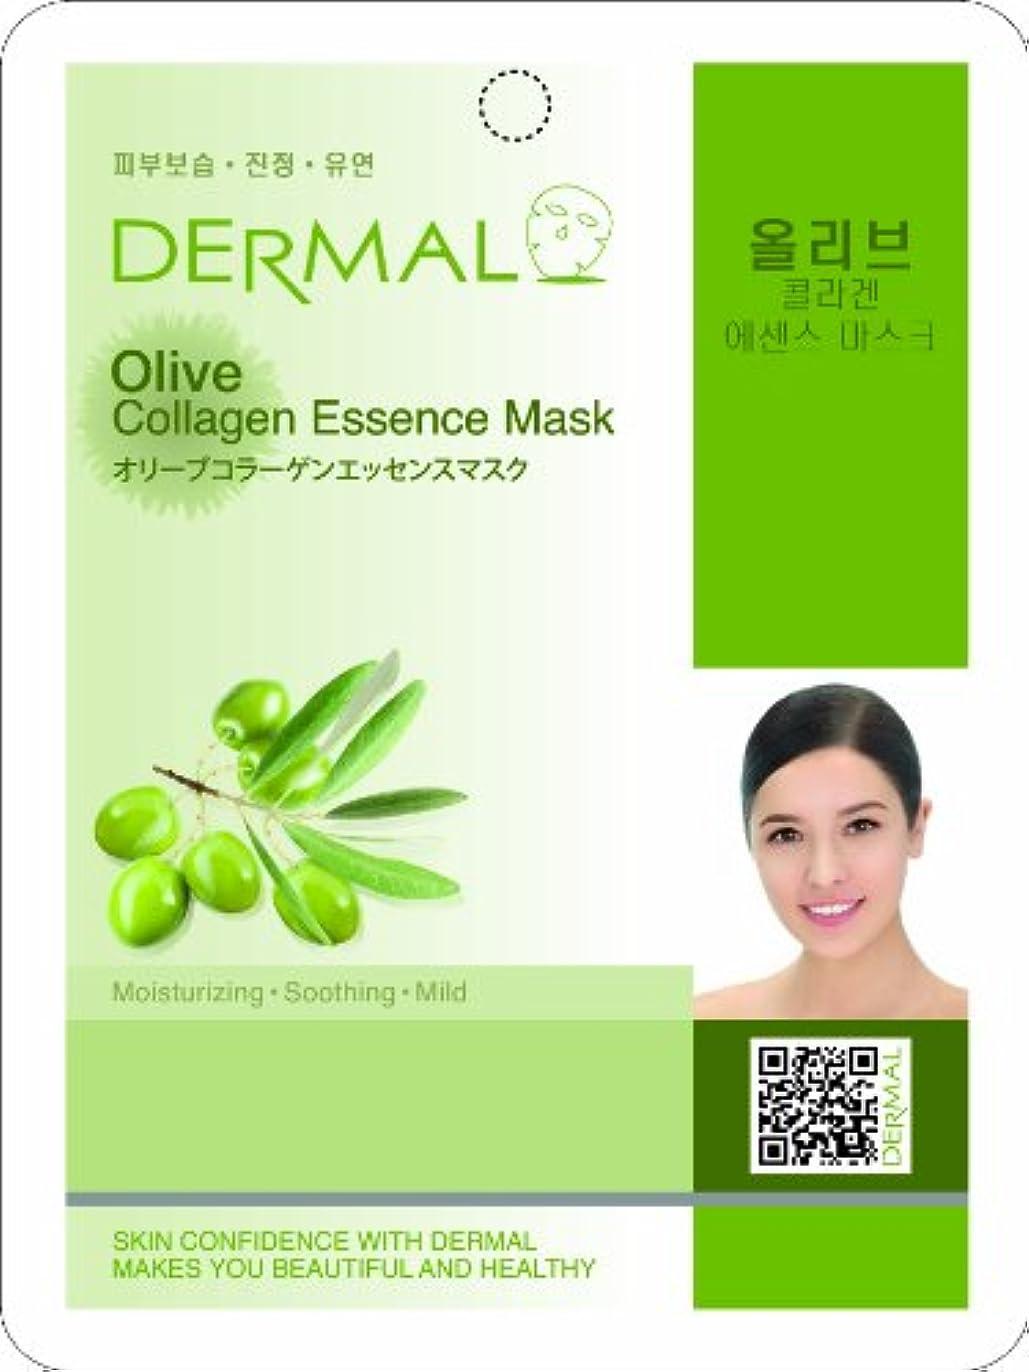 発疹飲み込むくさびオリーブシートマスク(フェイスパック) 10枚セット ダーマル(Dermal)